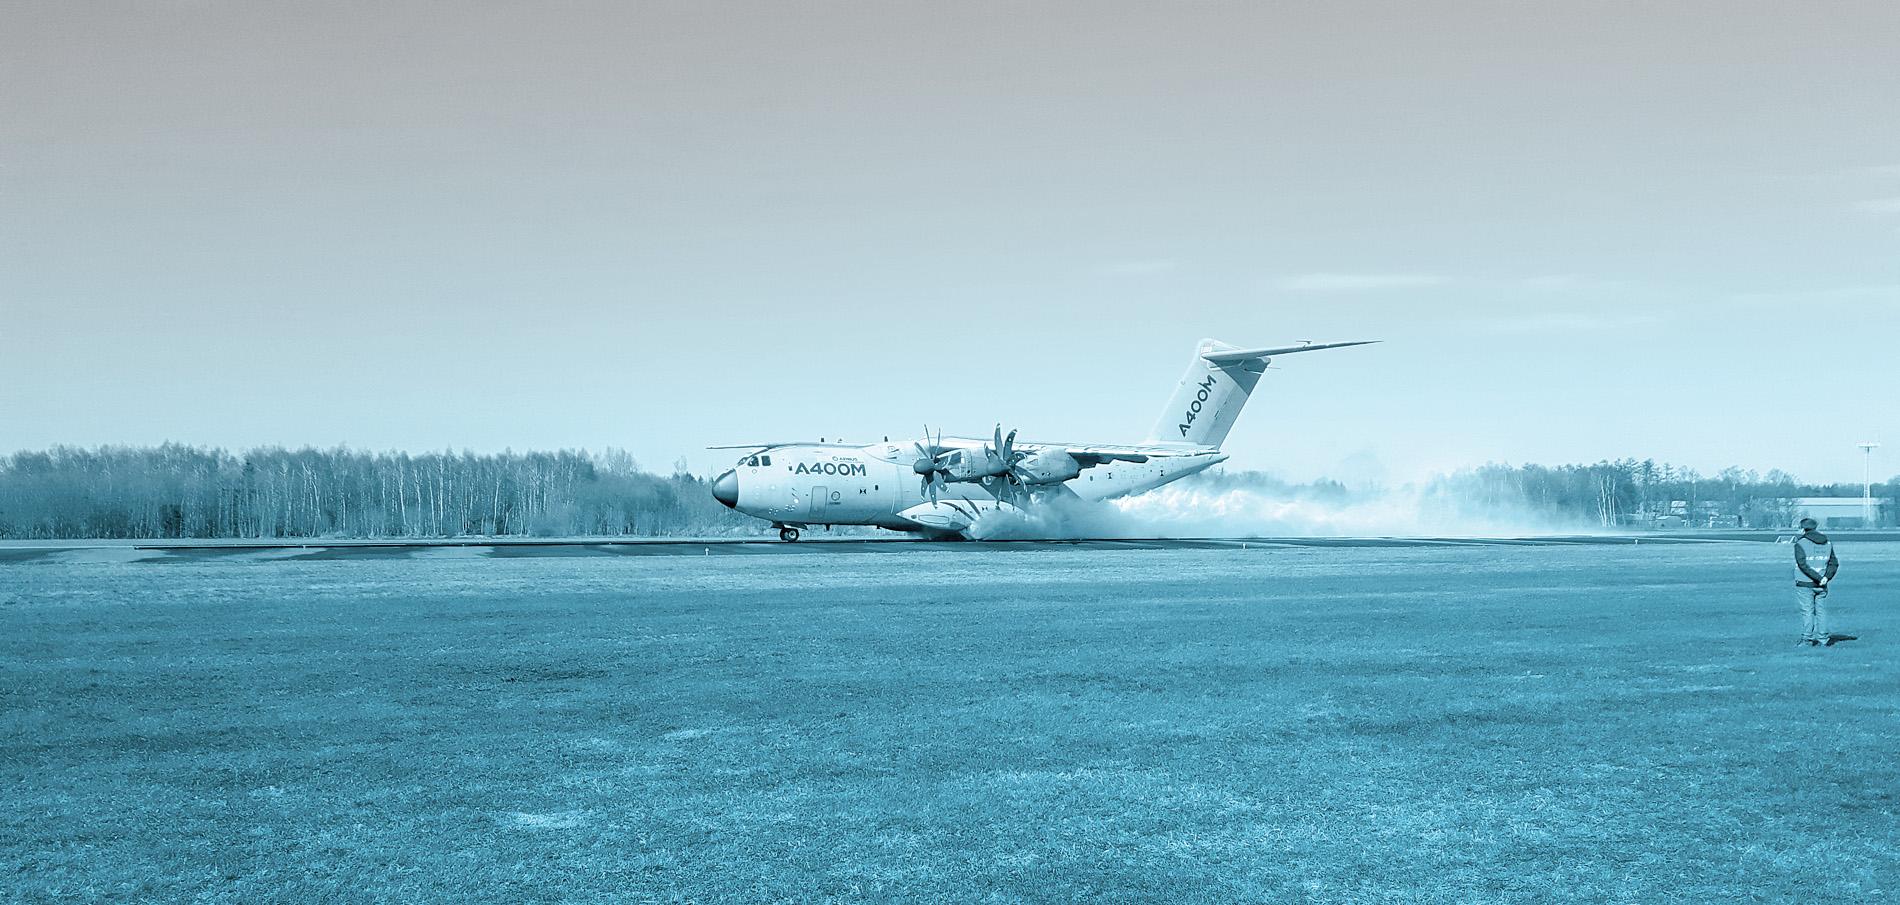 Nlr Tests Airbus On Waterlogged Runway At Twente Airport Nlr